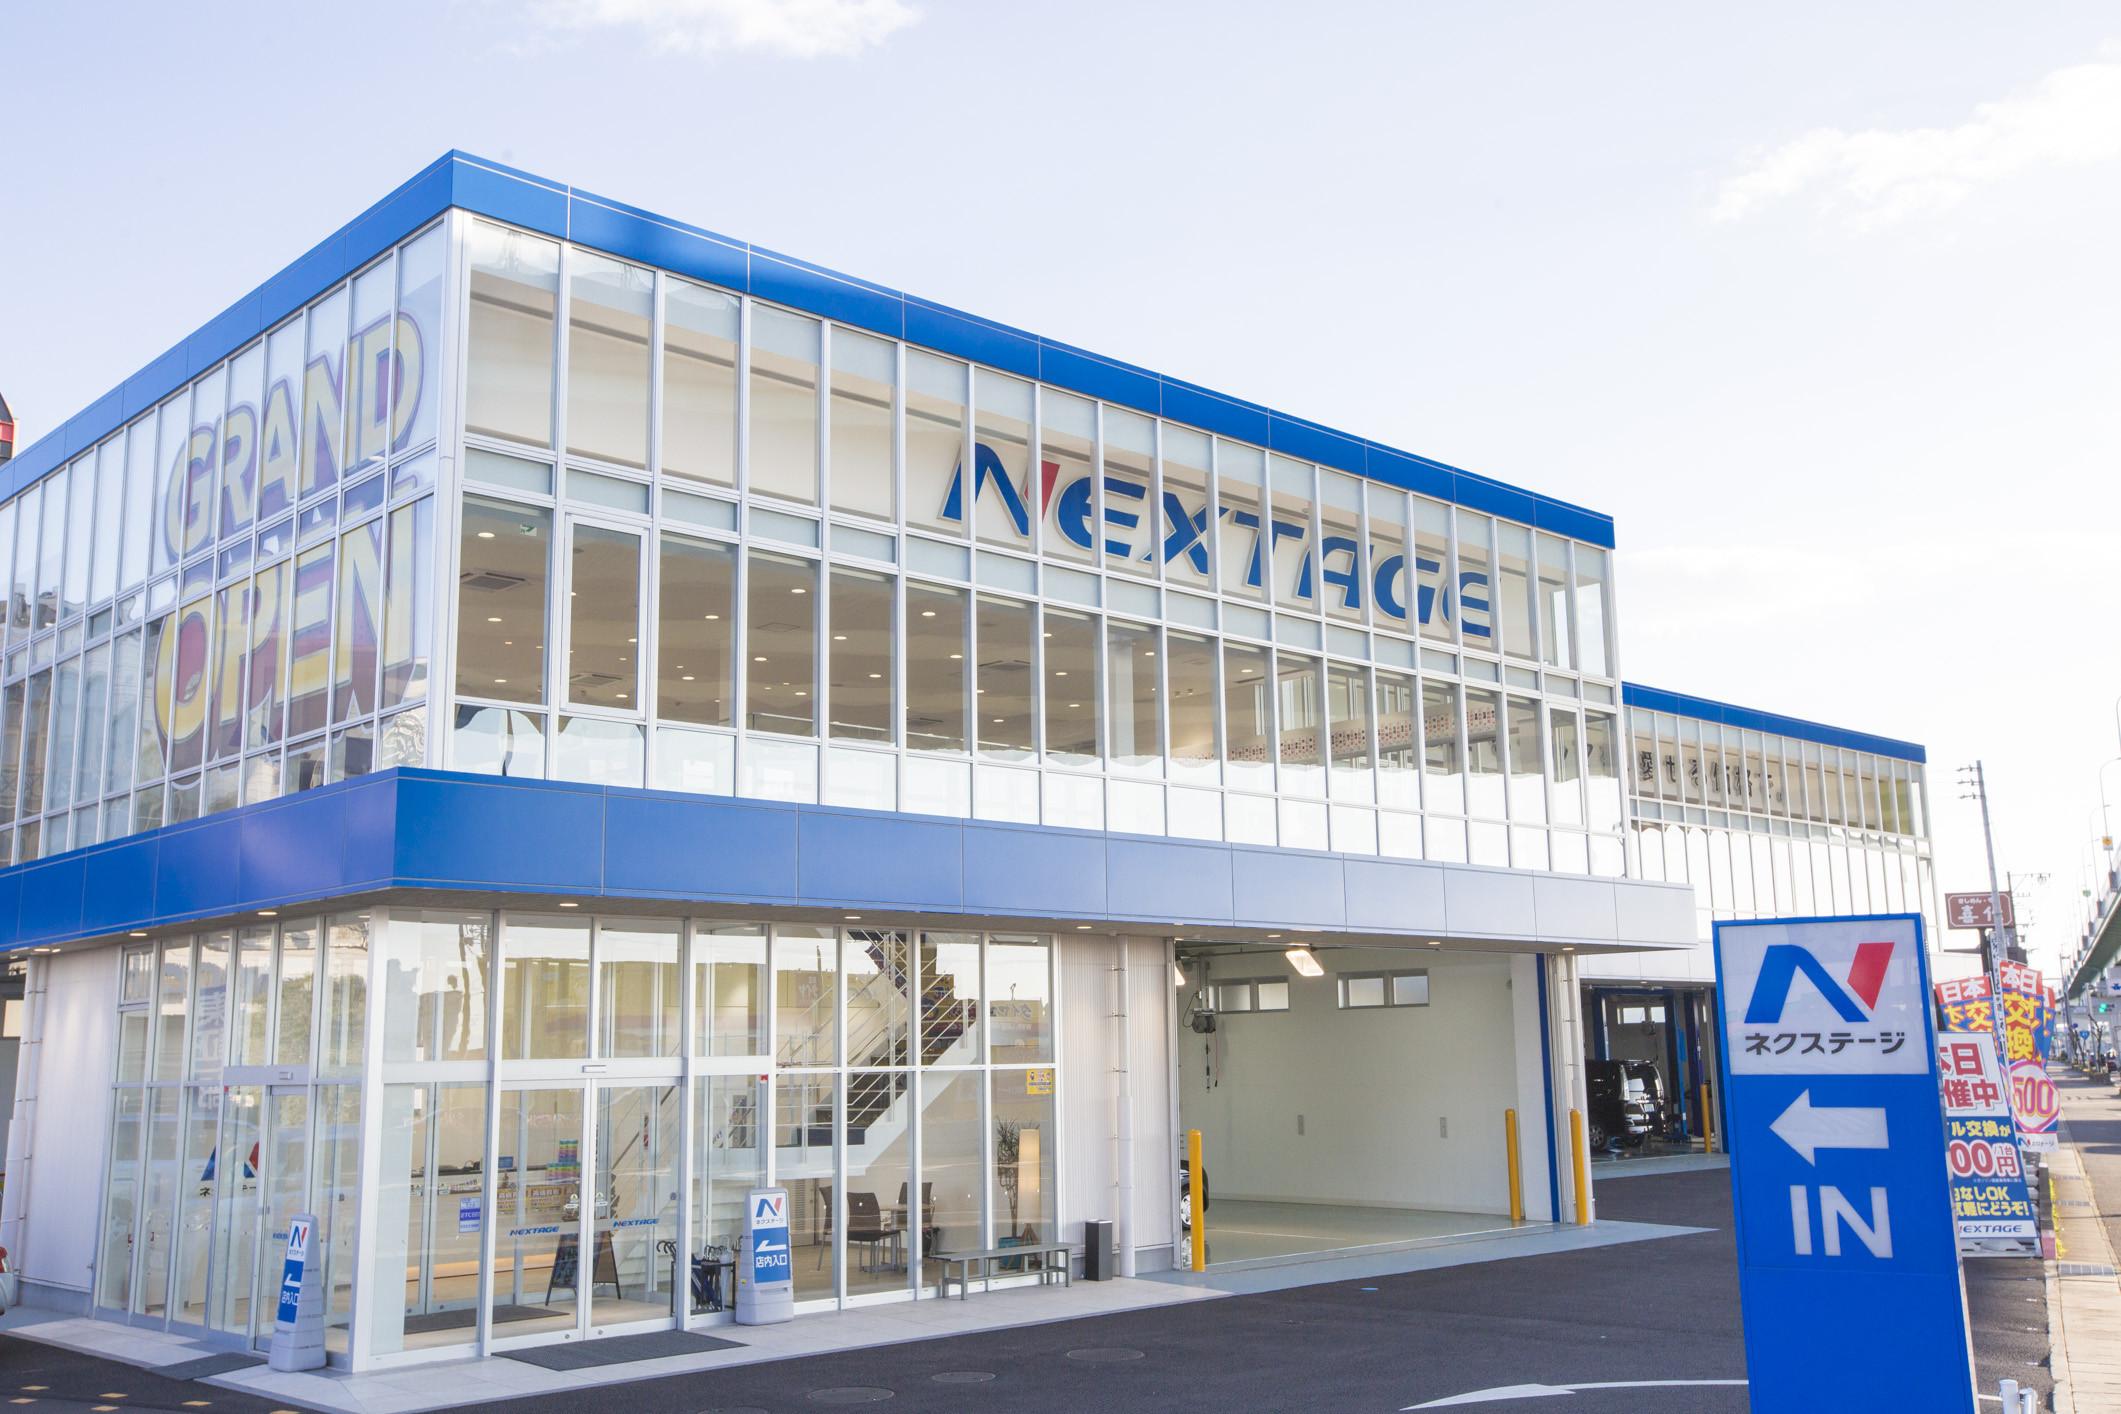 ネクステージ 尼崎 セダン・スポーツ専門店のアルバイト情報